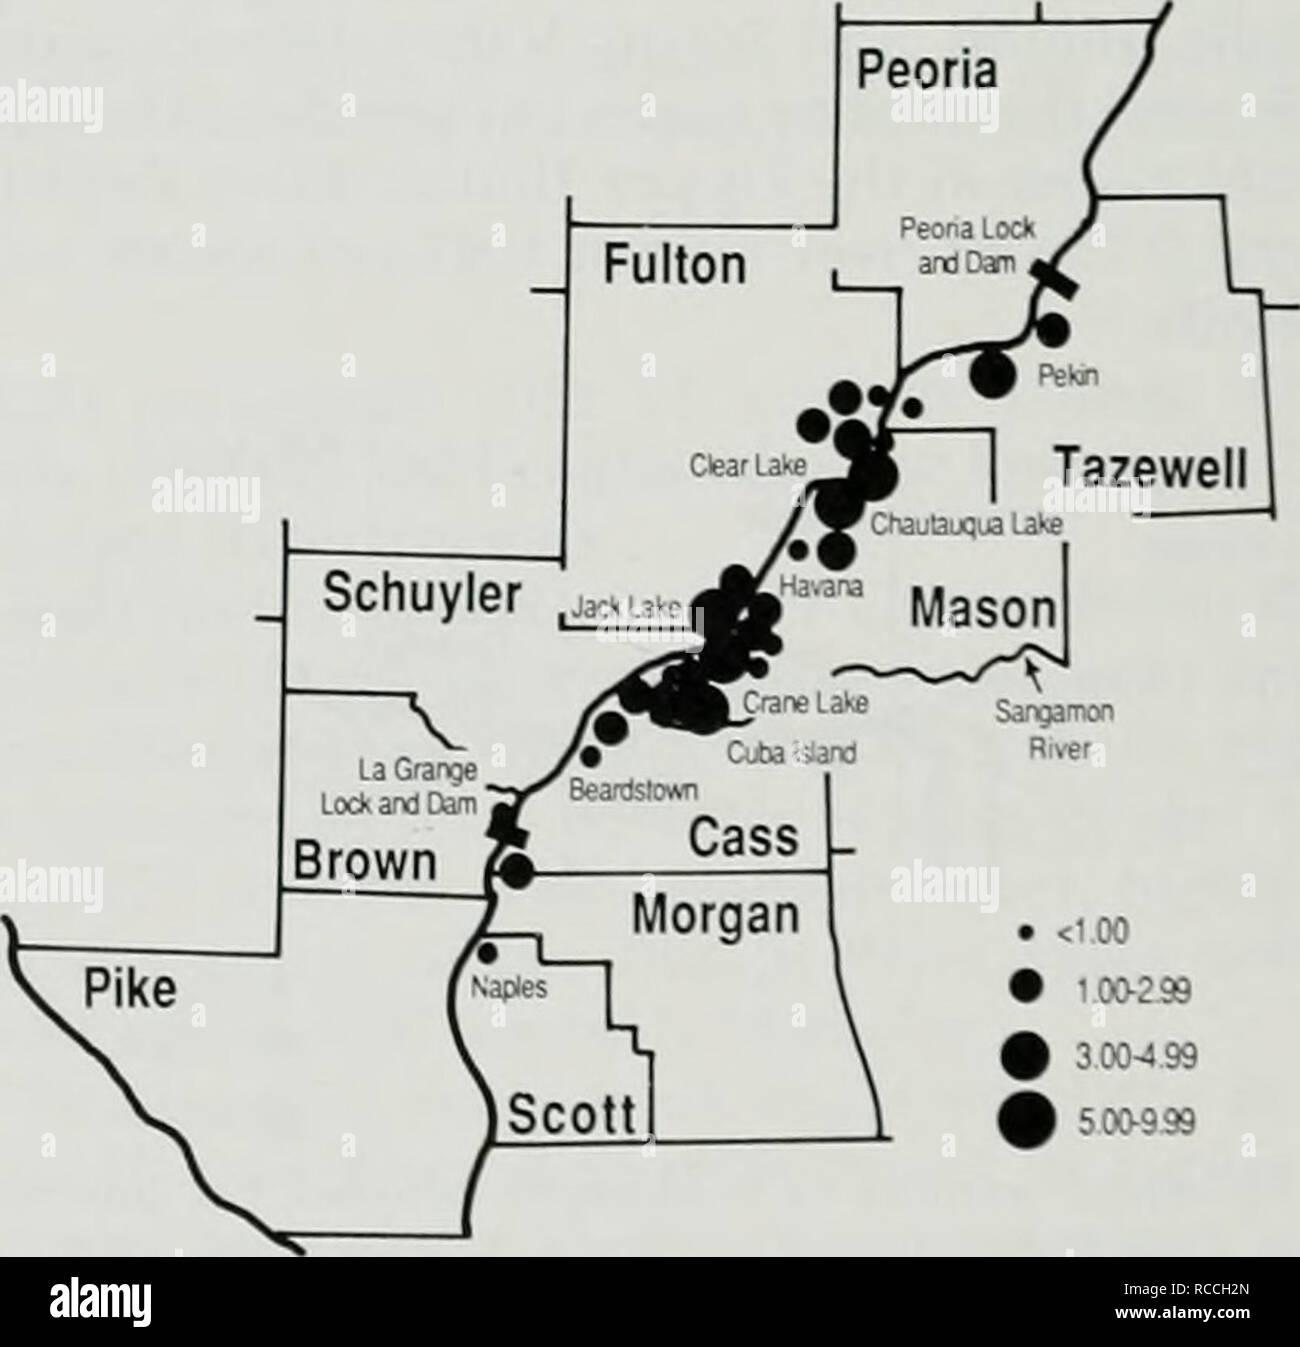 """. Distribution et l'abondance de l'hiver, les populations de pygargues à tête blanche dans l'Illinois. Pygargue à tête blanche. Fig. 24.-nombre moyen ol b.iUl eagles i est uilliiii,recensement llie Illinois inférieur à 299 % Ri"""" • innied inenior-99 3,00-4,60 par une er Région. 1972-1986. Fig. 22.-Fastern Senacliw sh, en'ine L.tk La densité estimée de pygargues à tête blanche dans la région de la rivière de l'Illinois inférieur ( en moyenne).5.i par mile river ou 0.49 par squaie mile d'habitats humides. La densité moyenne par scjuare m des zones humides (0,49) dans cette région a été slighth plus élevé que la valeur lor la ('entrale et l'pj)ei rivière Illinois régions (0,47) Banque D'Images"""